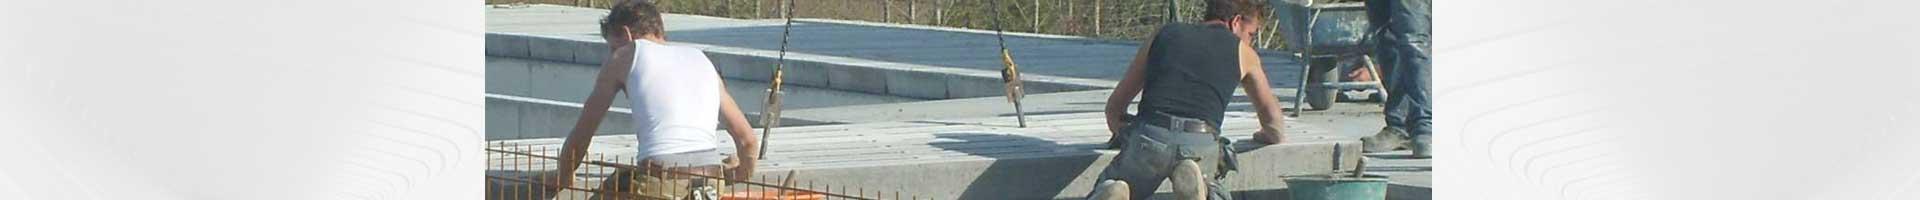 slide-beton1